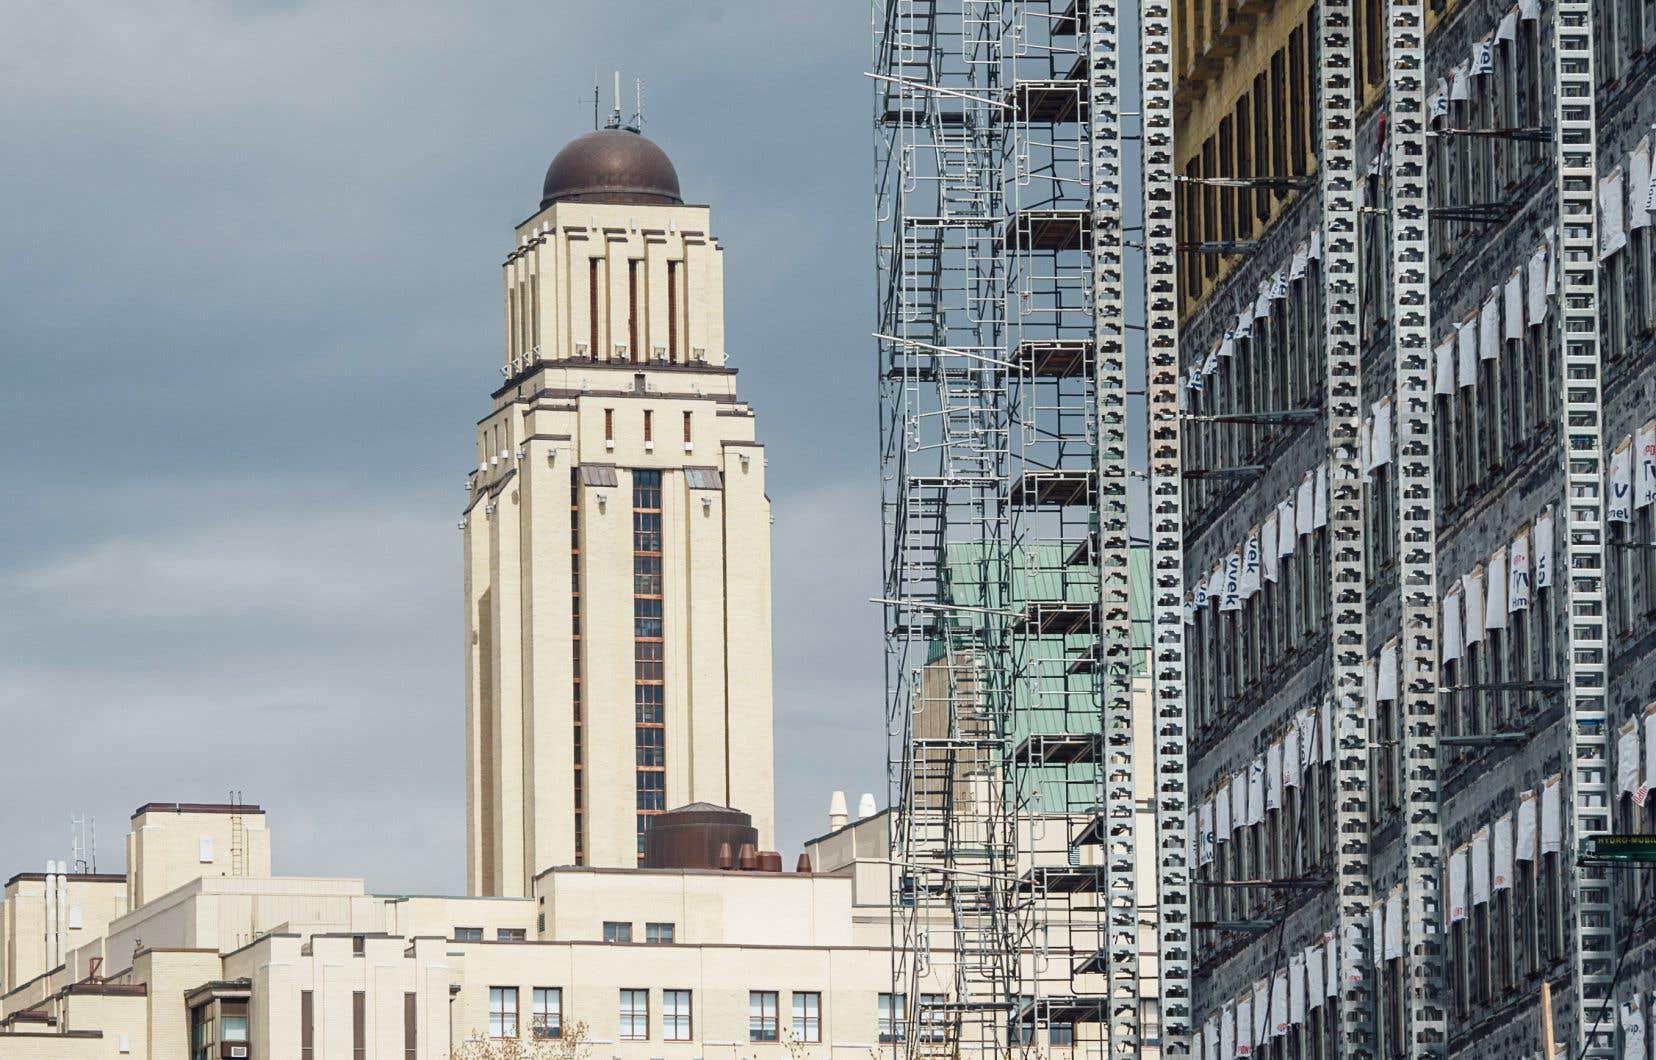 Le plan directeur de l'UdeM fait état de plusieurs potentiels d'agrandissement sur le site. Une expansion de cinq étages est notamment envisagée à côté de la Faculté de musique, nichée tout près du sommet du mont Royal. Un agrandissement de taille similaire est aussi prévu pour un pavillon de Polytechnique Montréal qui se trouve lui aussi en hauteur.